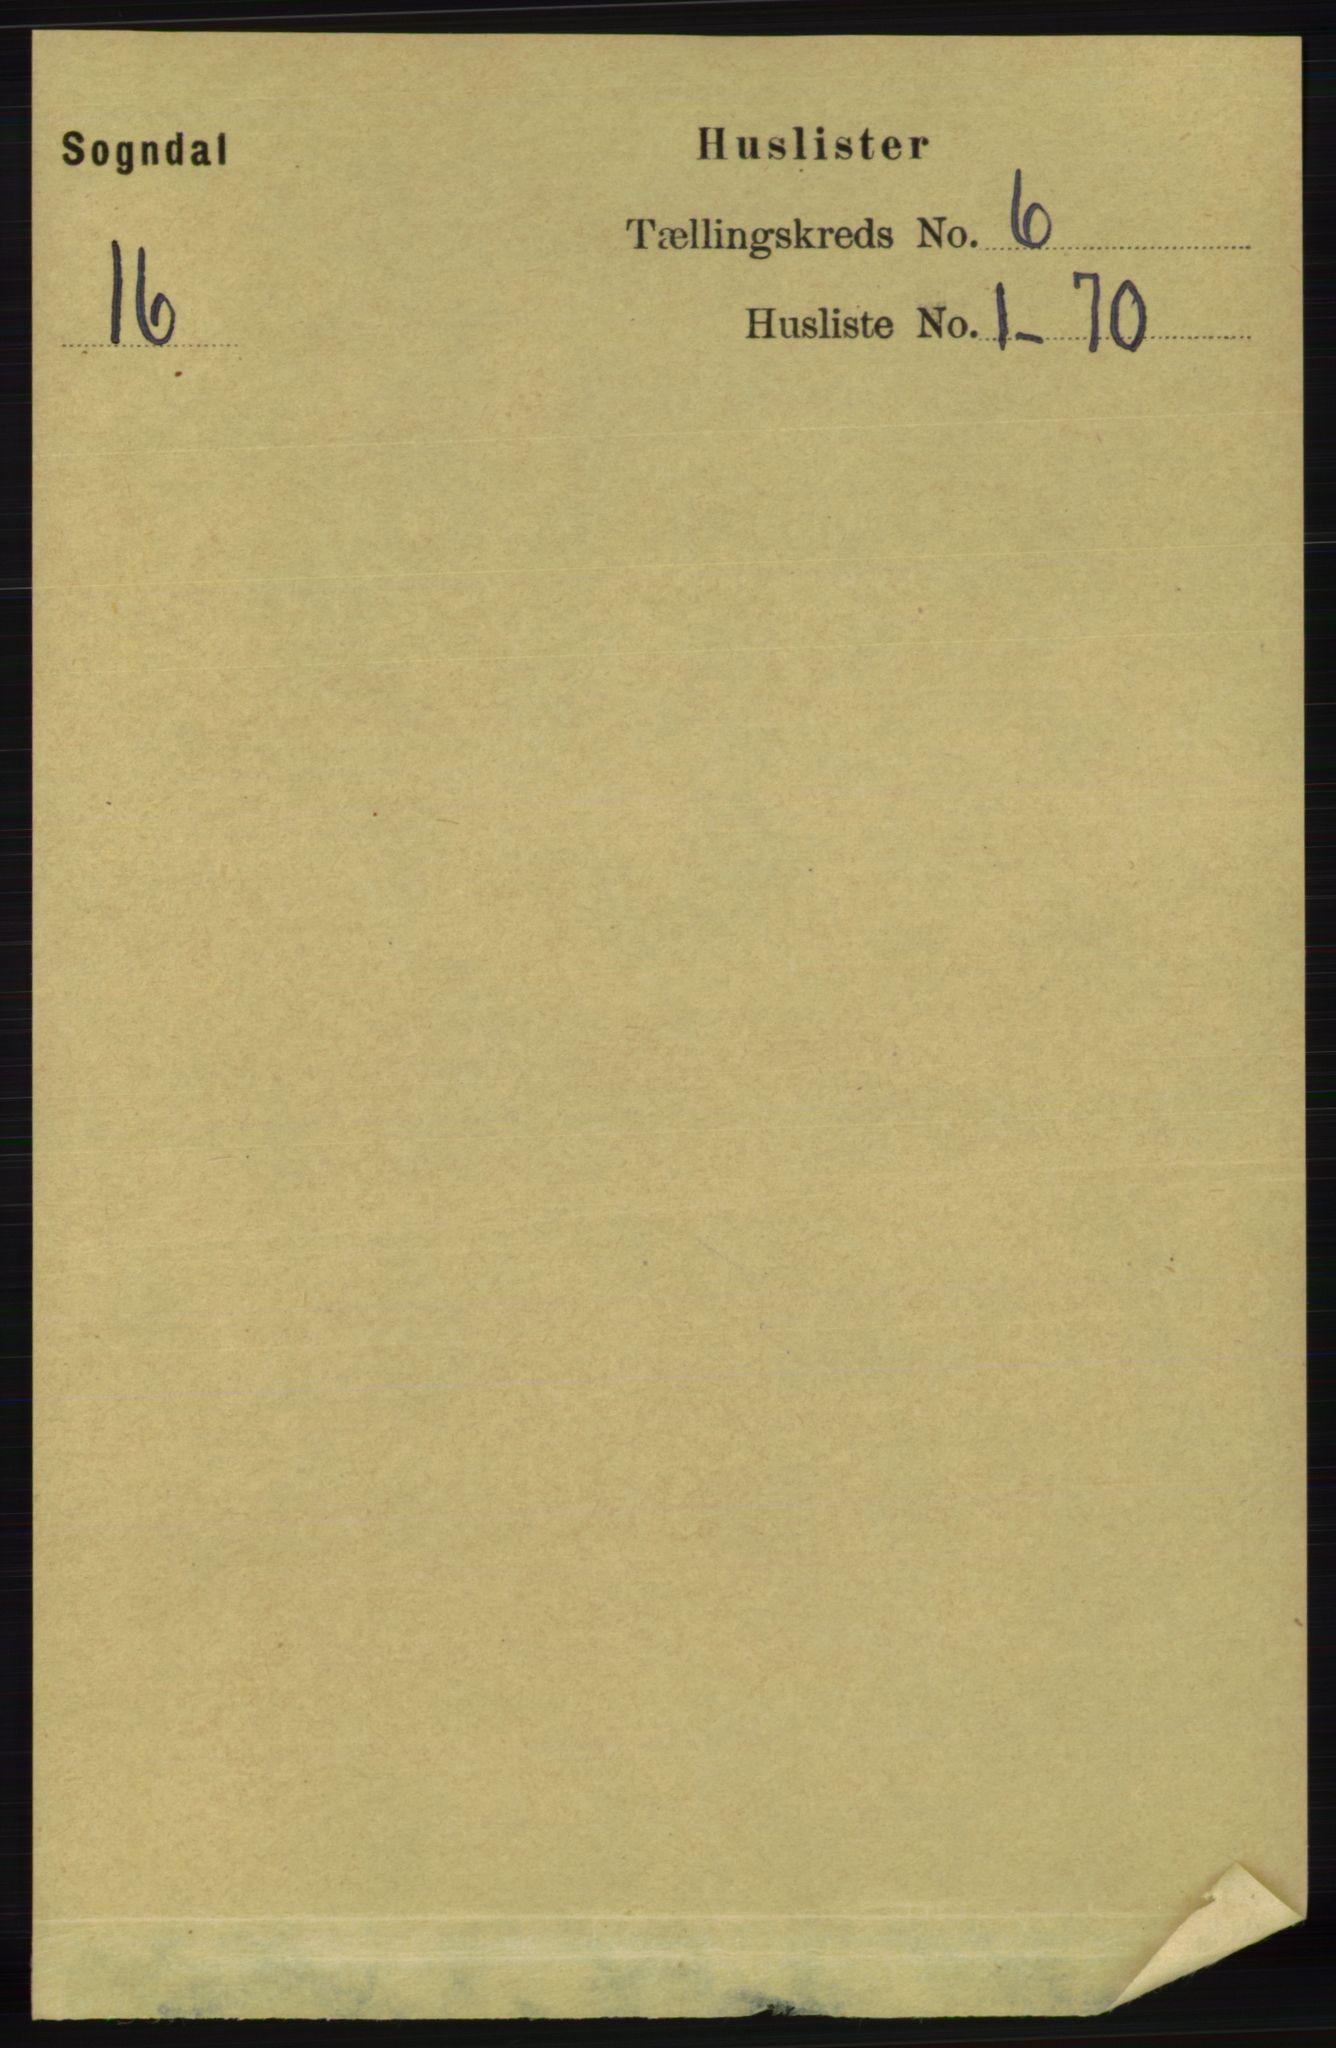 RA, Folketelling 1891 for 1111 Sokndal herred, 1891, s. 1568